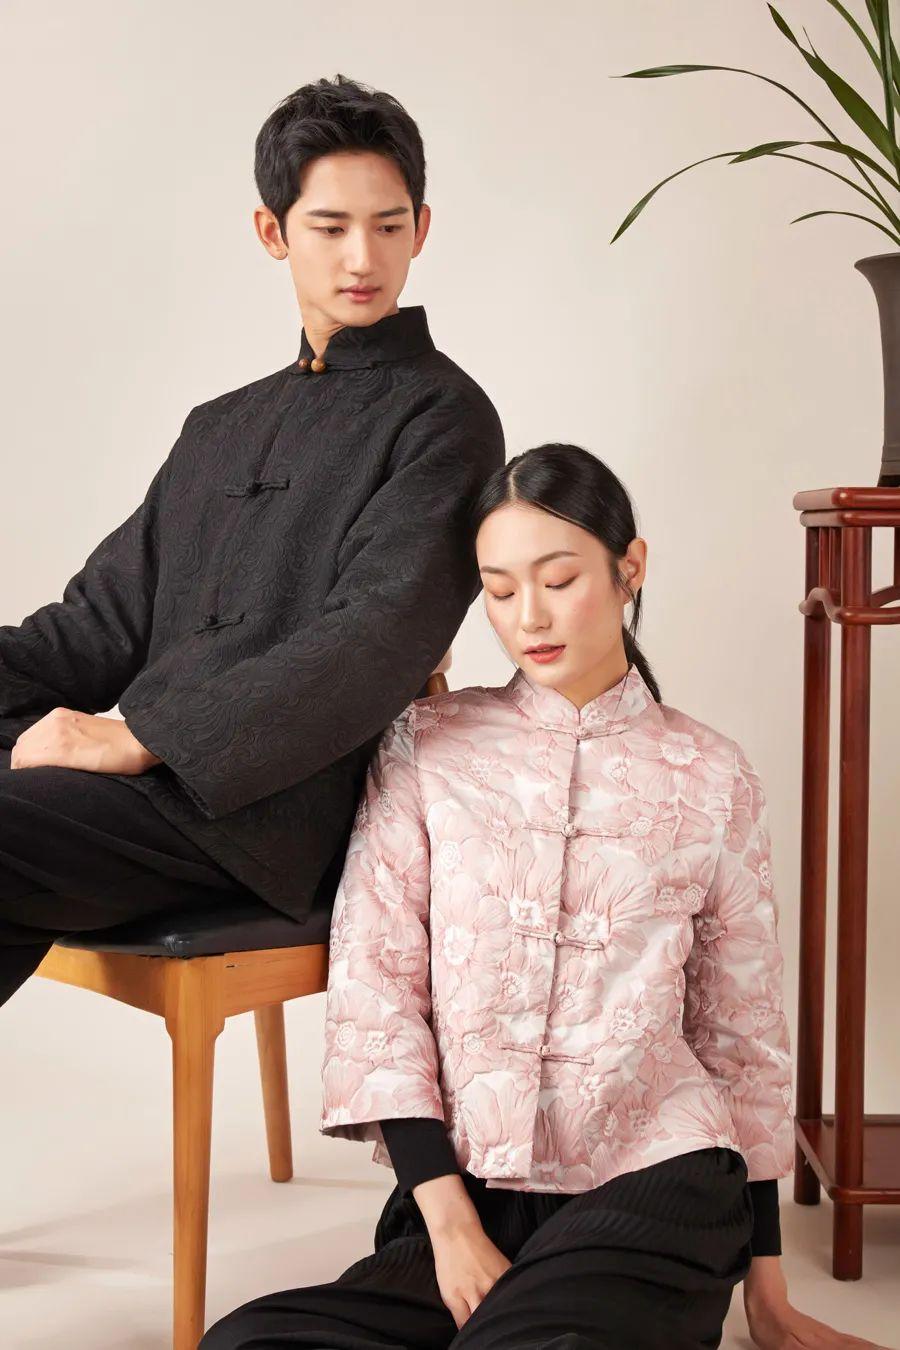 新中式羊绒外套,配沉香扣,穿出中国人的气质 || Chin